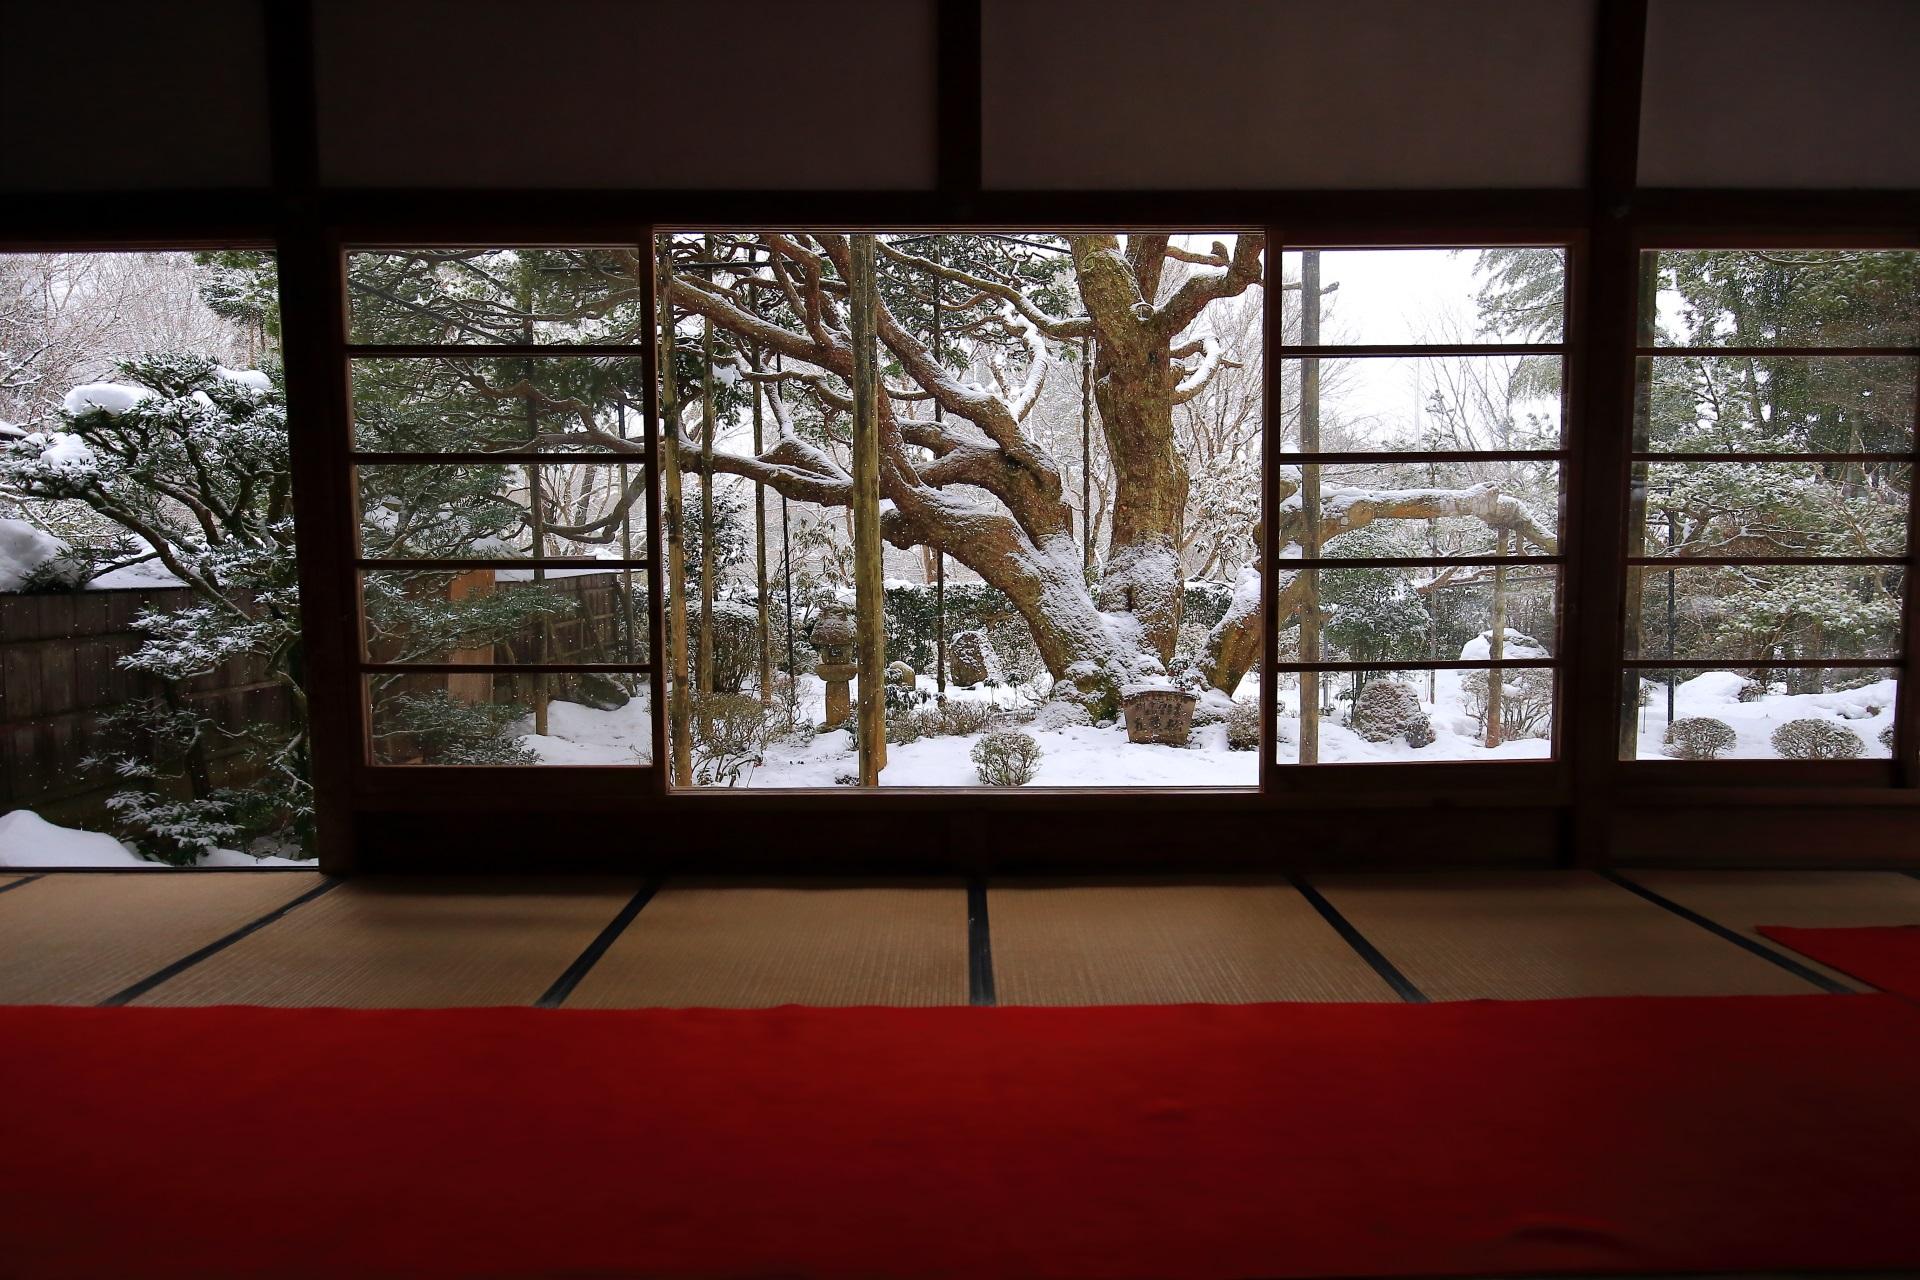 美しい冬の大原宝泉院の額縁の庭